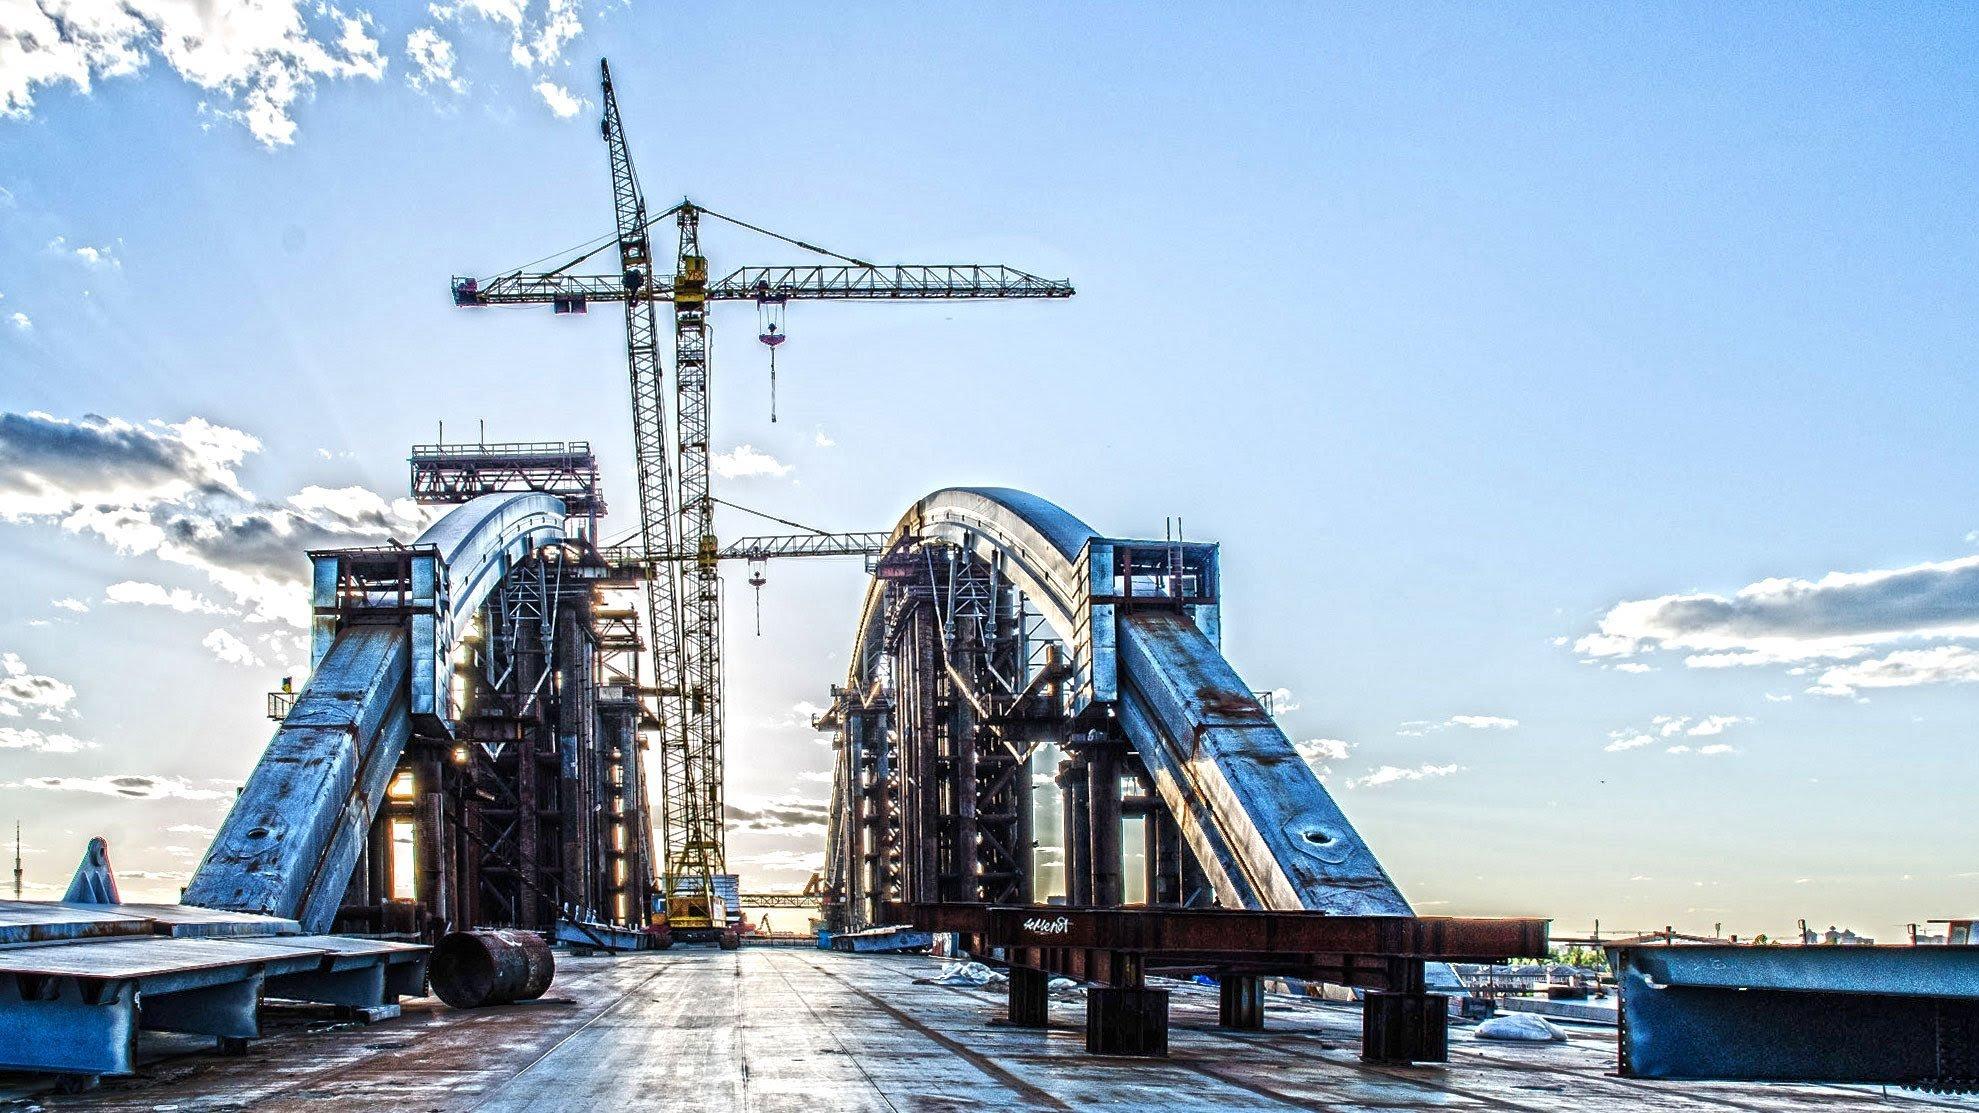 Число претендентов настроительство новосибирского моста уменьшилось до 2-х